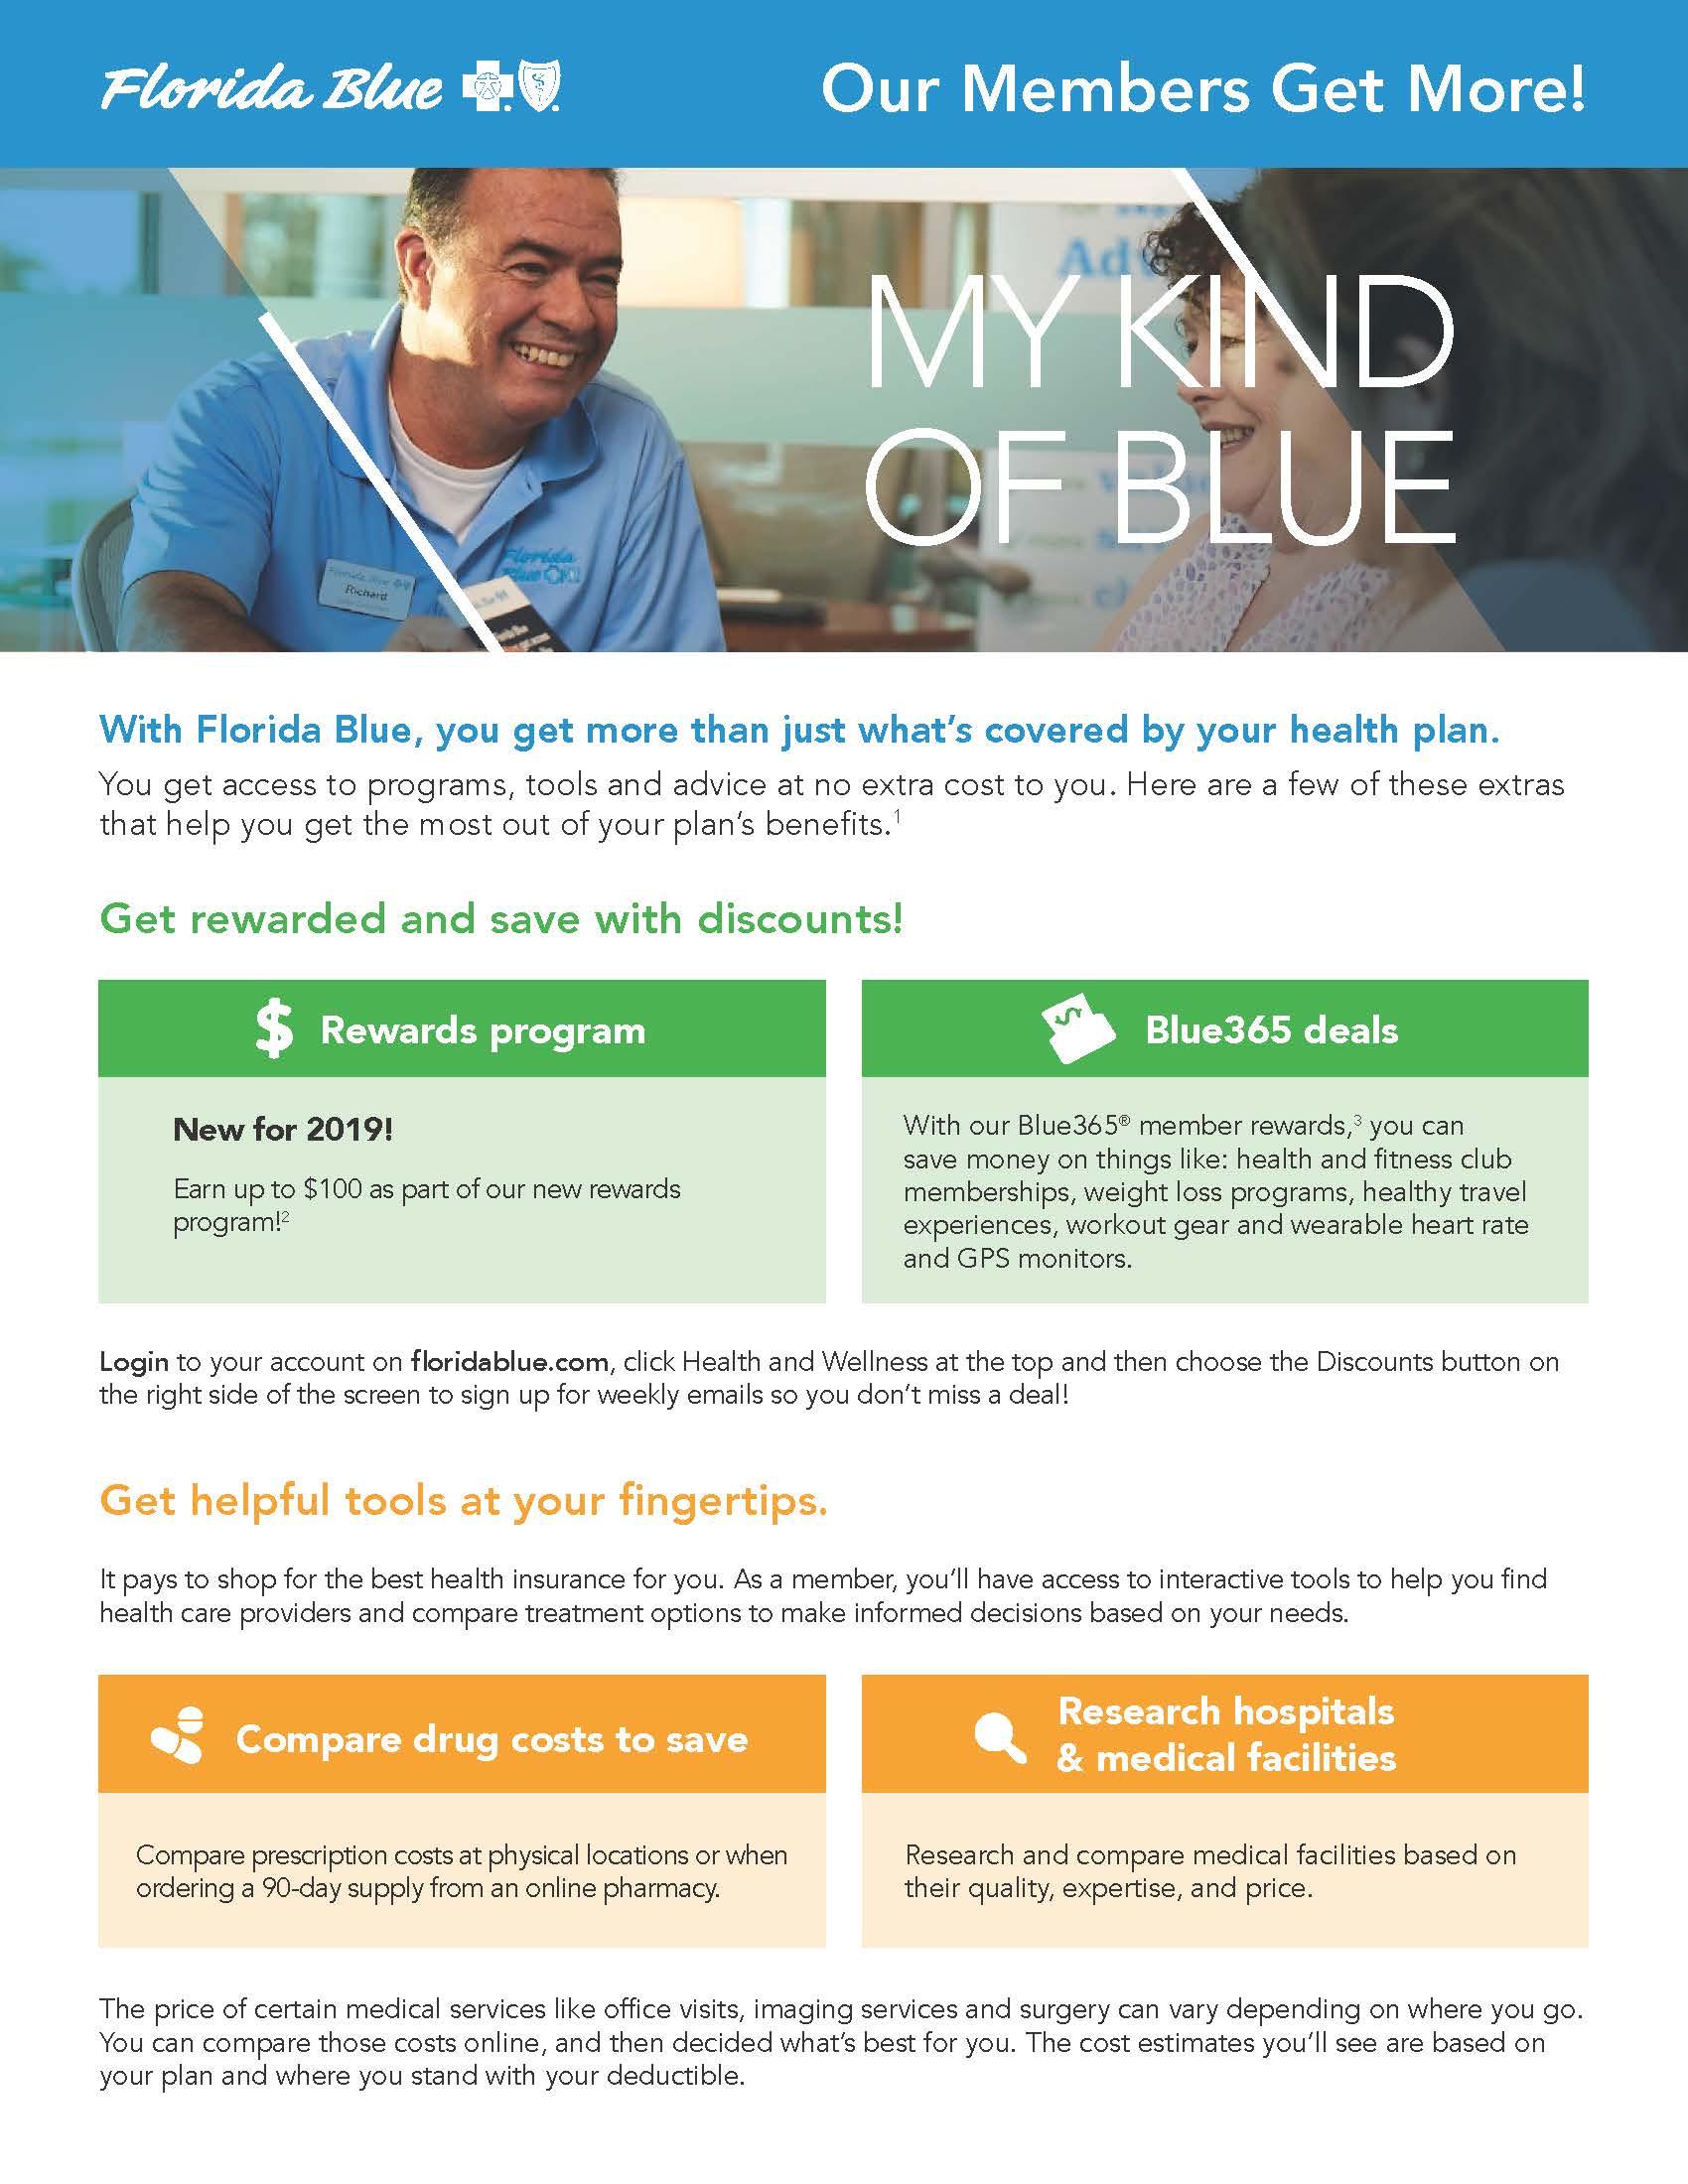 Florida Blue Members Get More